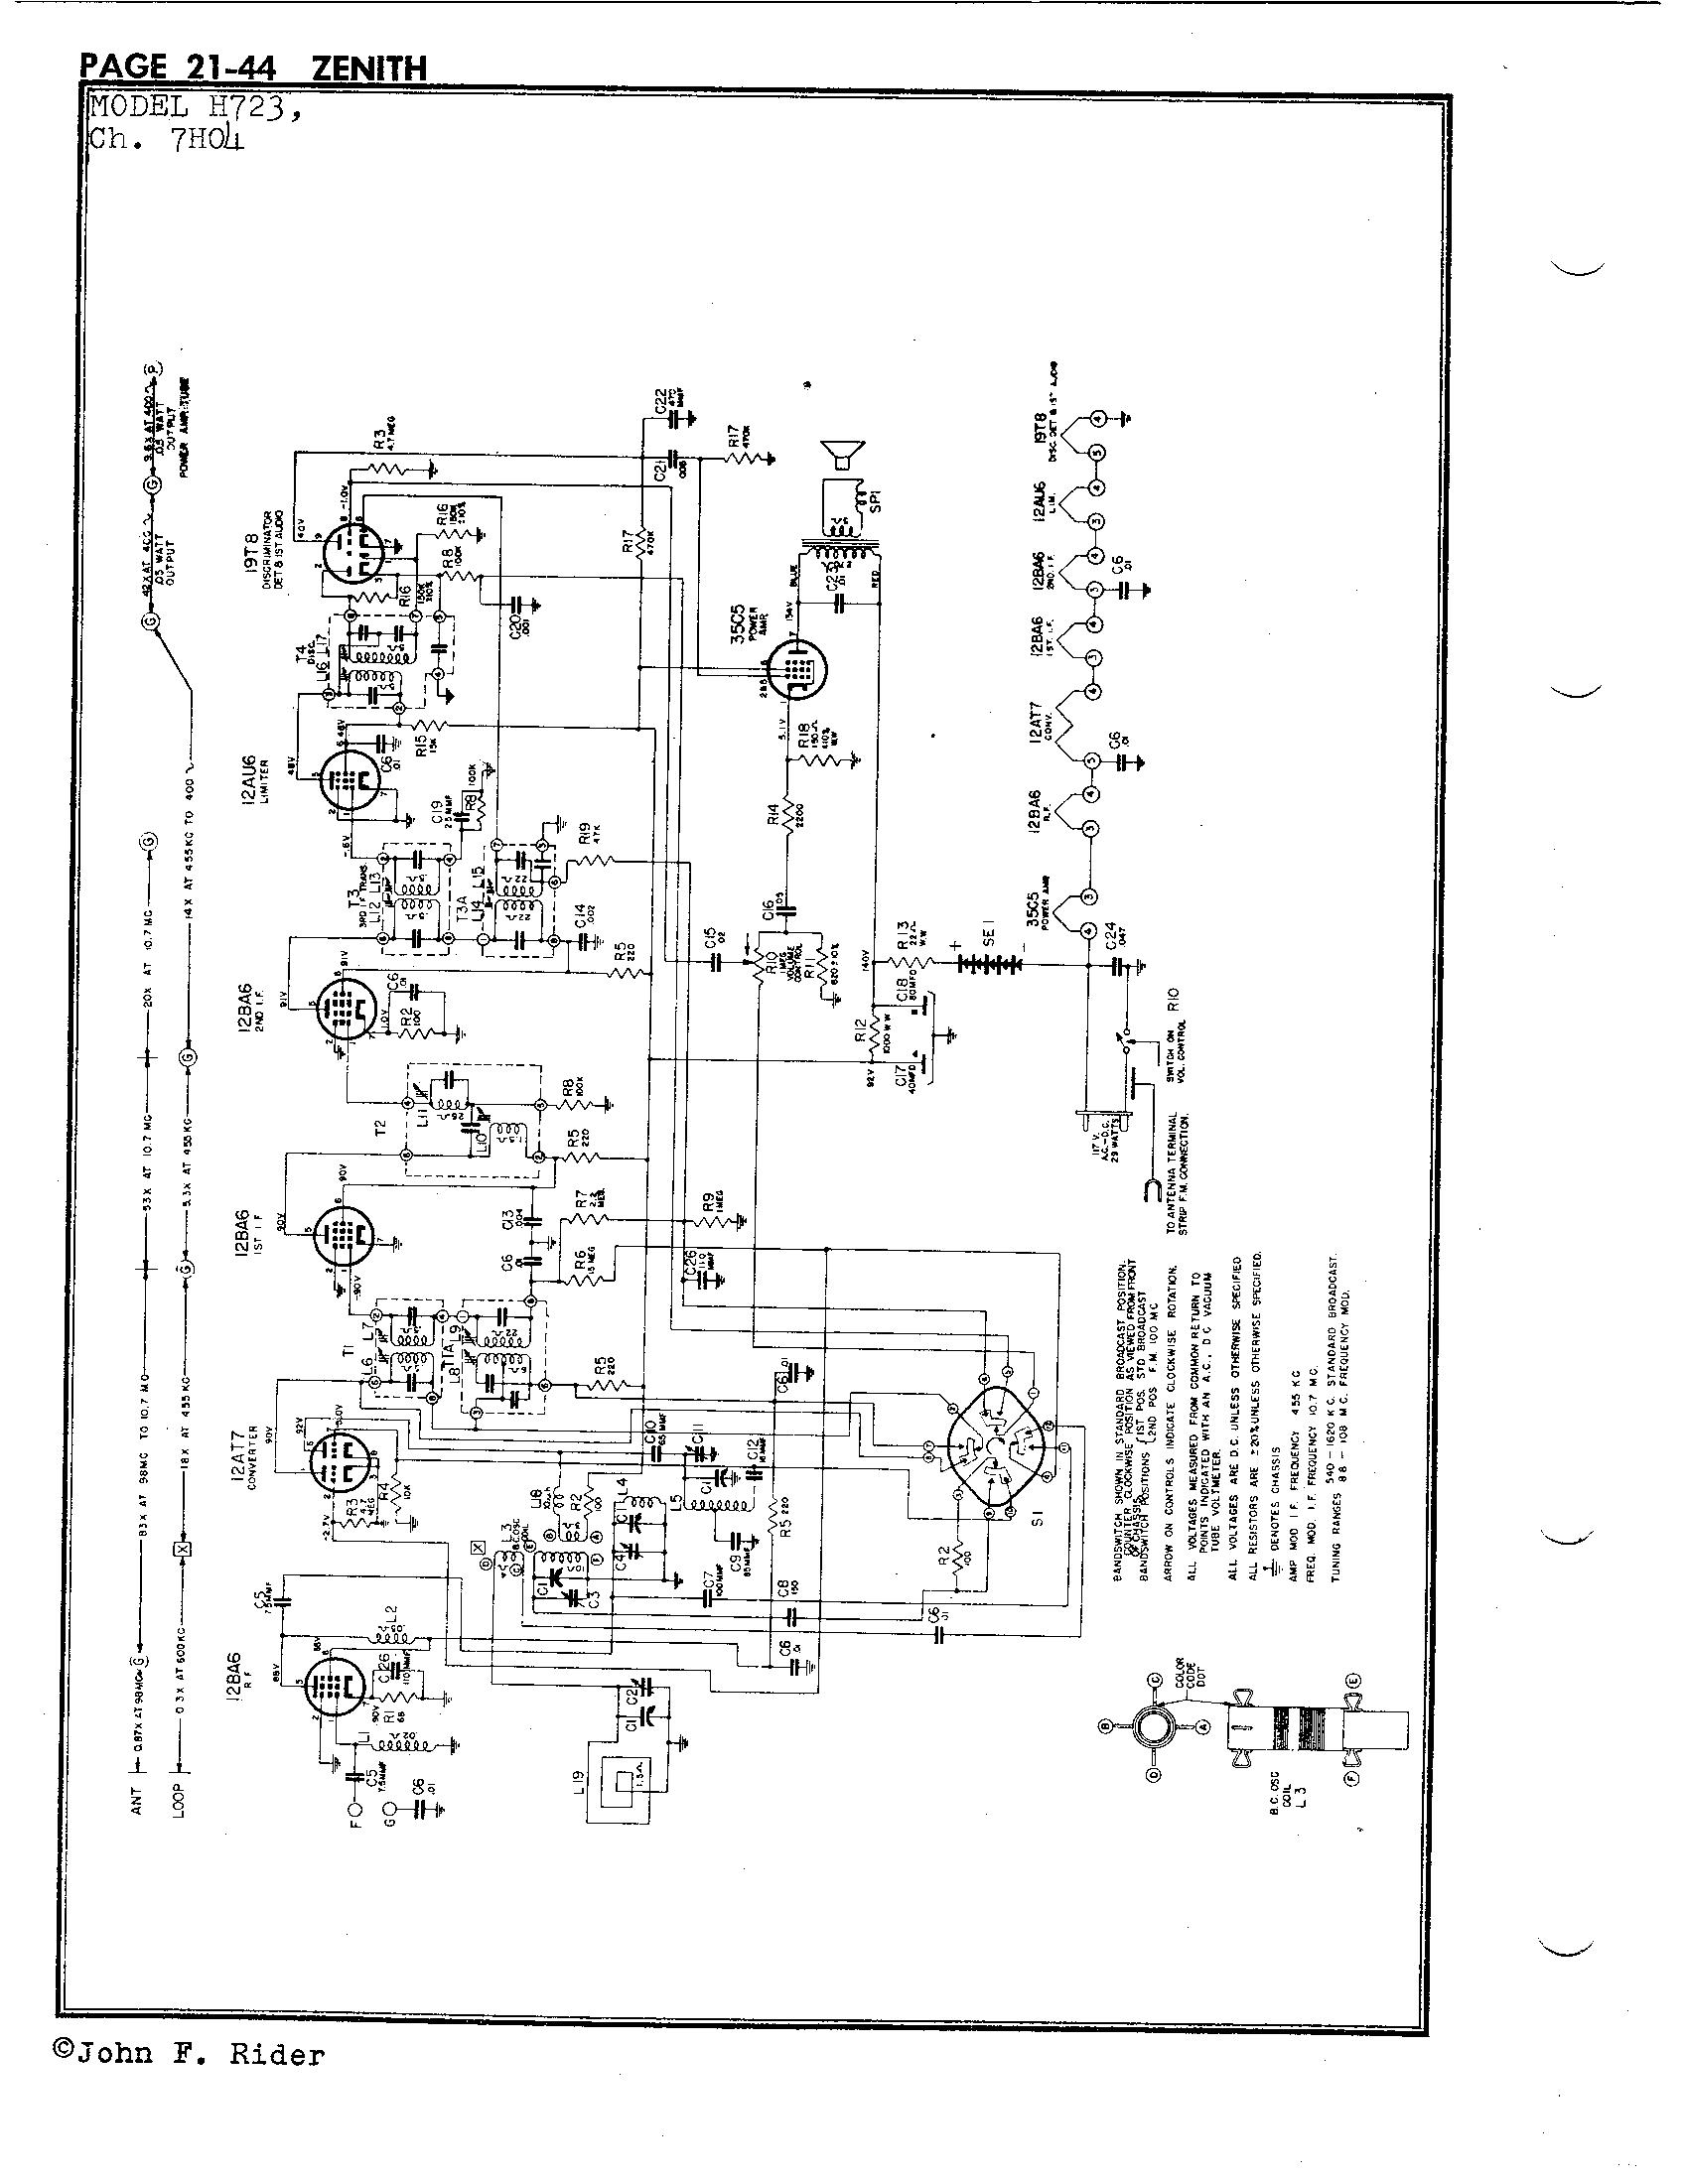 zenith schematics radio